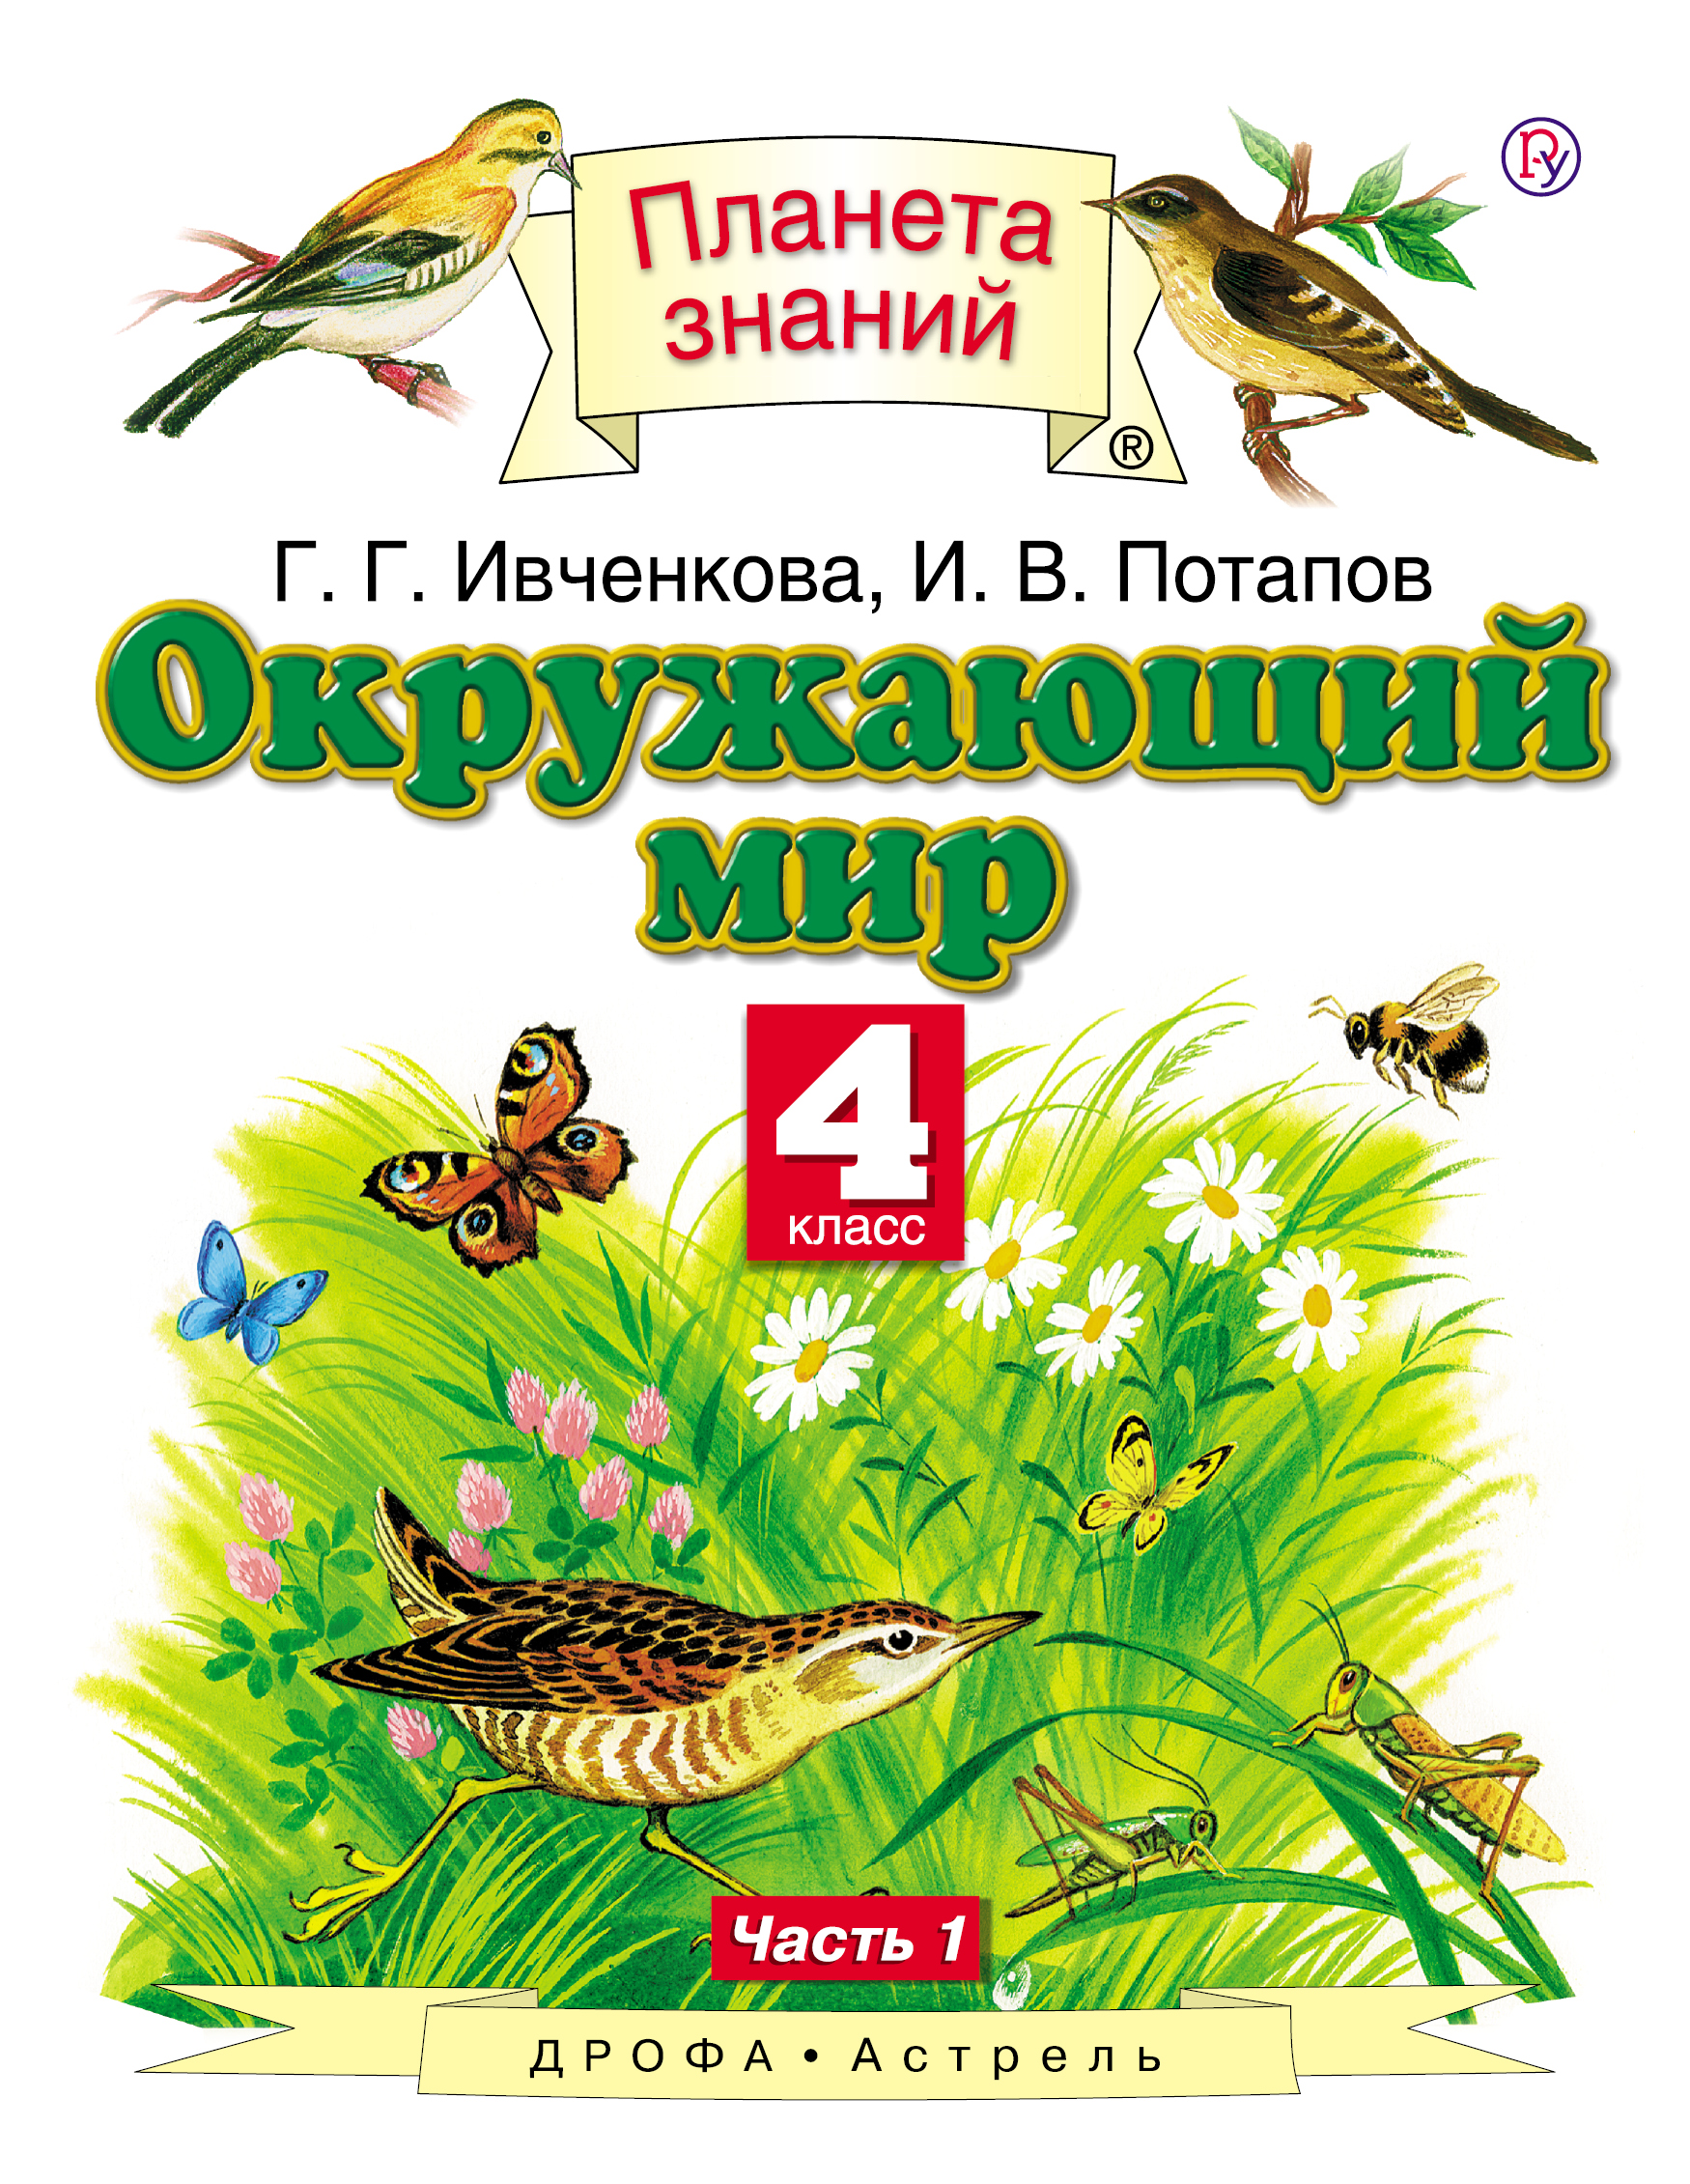 Окружающий мир. 4 класс. Учебник. Часть 1 ( Ивченкова Г.Г., Потапов И.В.  )